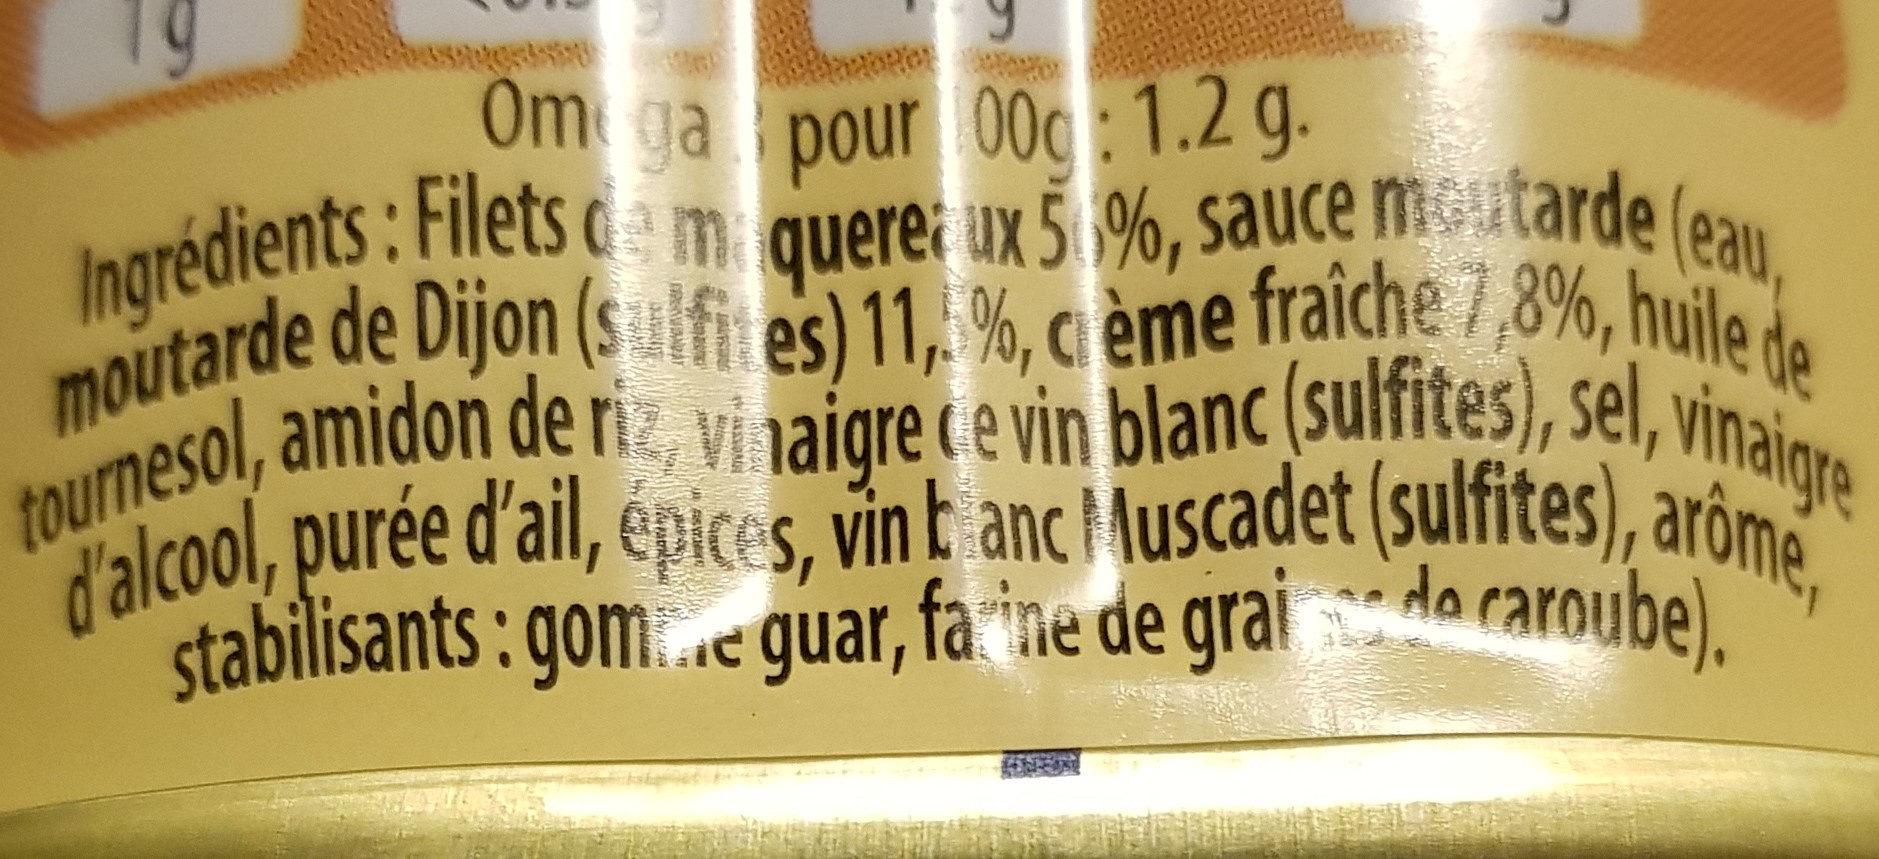 filets de maquereaux sauce crème moutarde - Ingrédients - fr